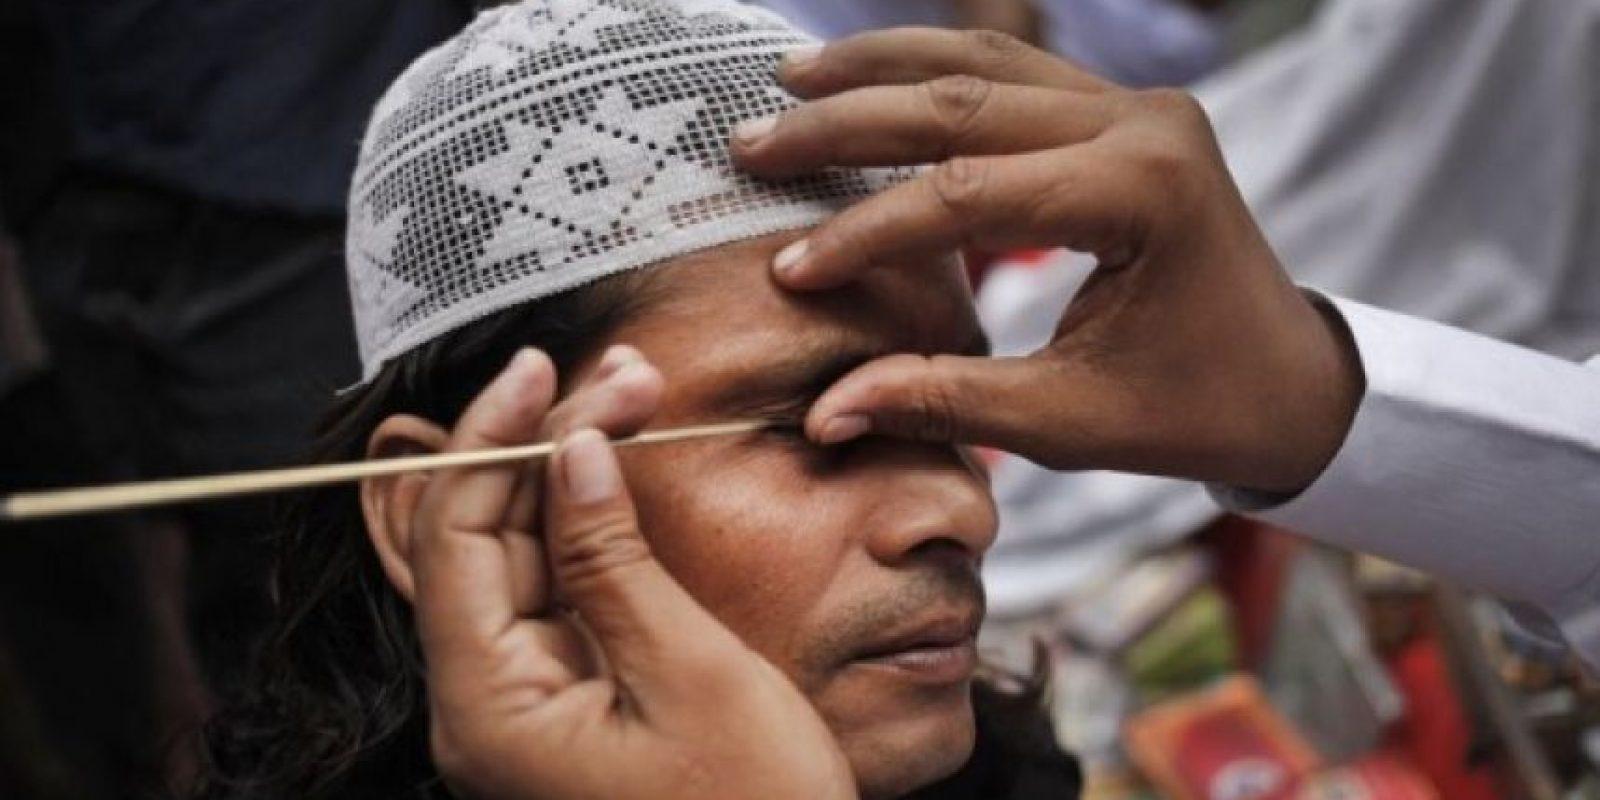 Kodai Harijan, principal sospechoso, confesó que cortó la garganta del hijo de su amigo Shiv Sharan Kohar, con la intención de ahuyentar a los malos espíritus de su propio hijo de 18 años de edad, el cual se encontraba enfermo. Harijan sostuvo que lo hizo después de buscar ayuda de un chamán del pueblo. Foto:Getty Images